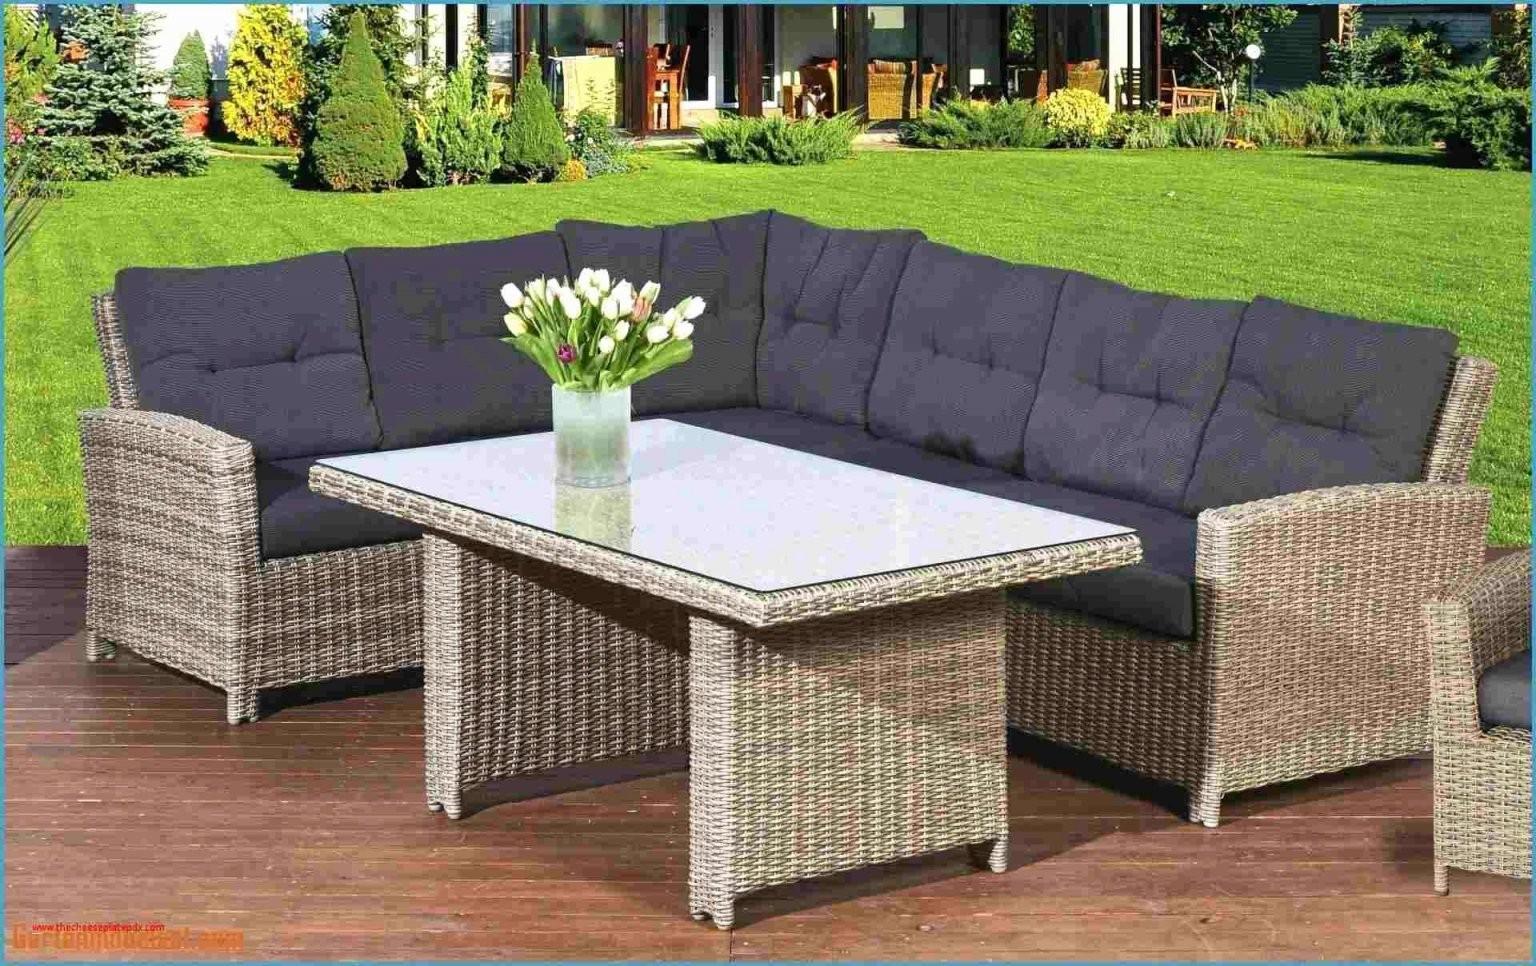 45 Inspirierend Garten Lounge Set Rattan Foto  Vervollständigen Sie von Garten Lounge Set Gebraucht Bild